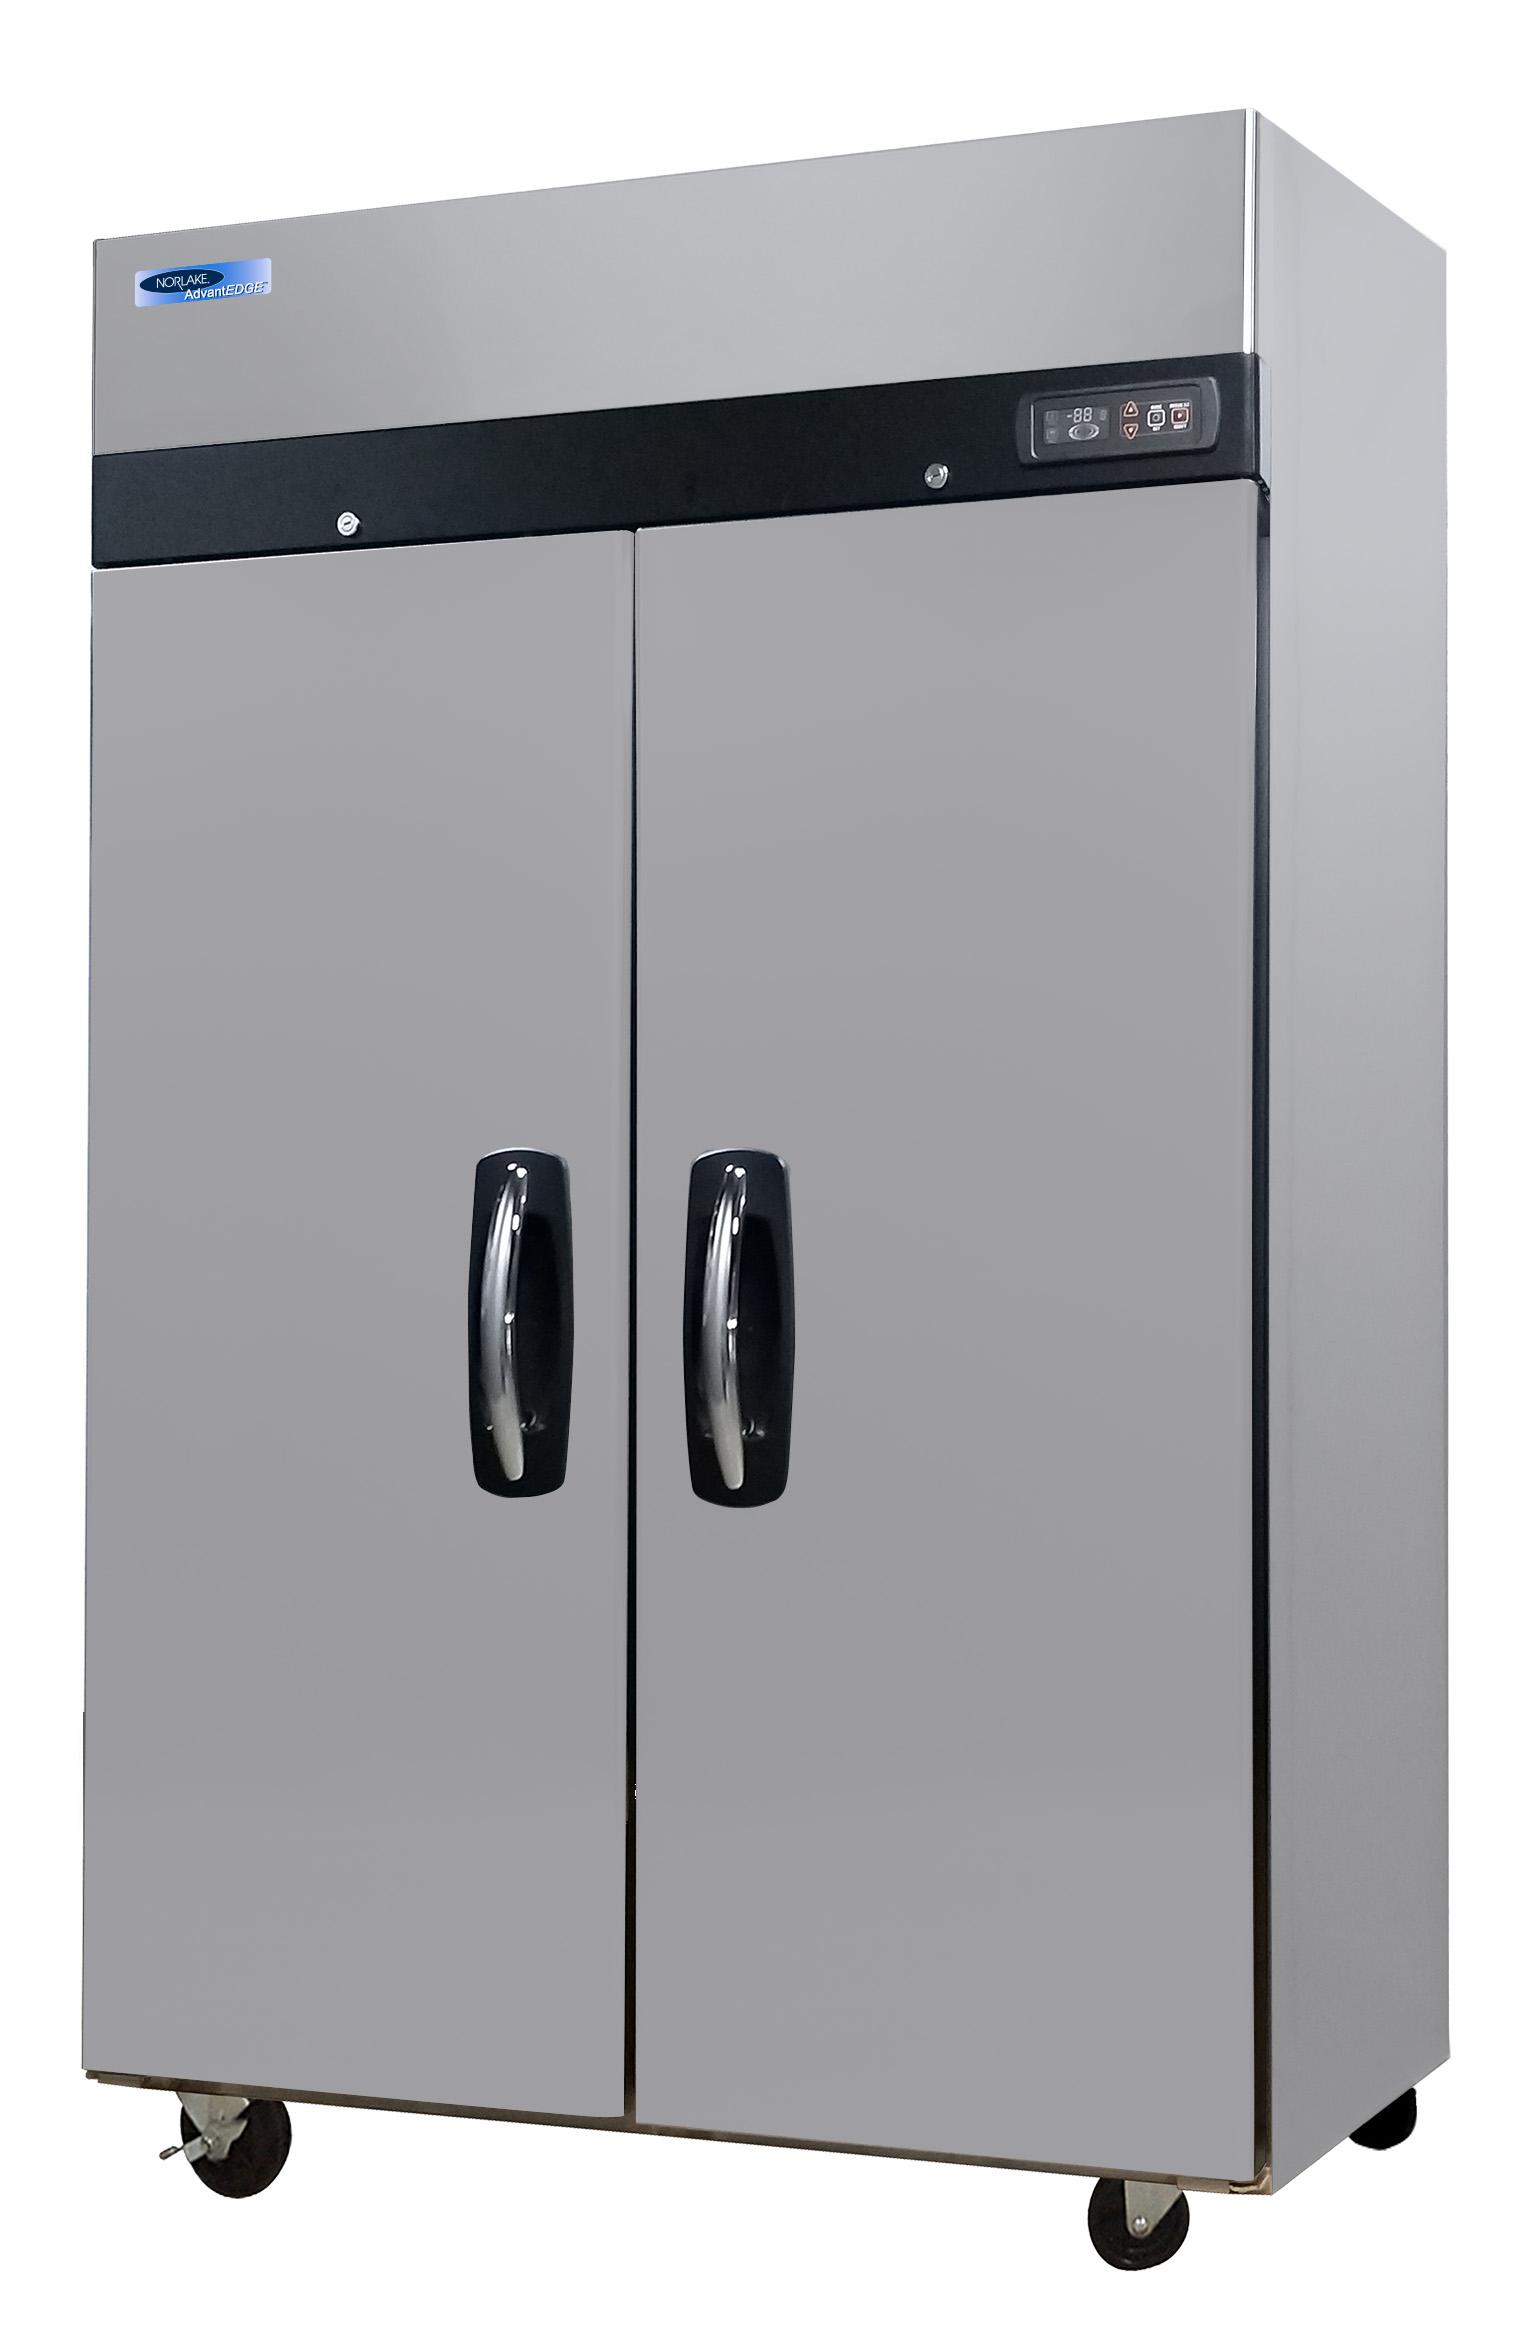 Nor-Lake NLTF49-S freezer, full solid door, 2 door